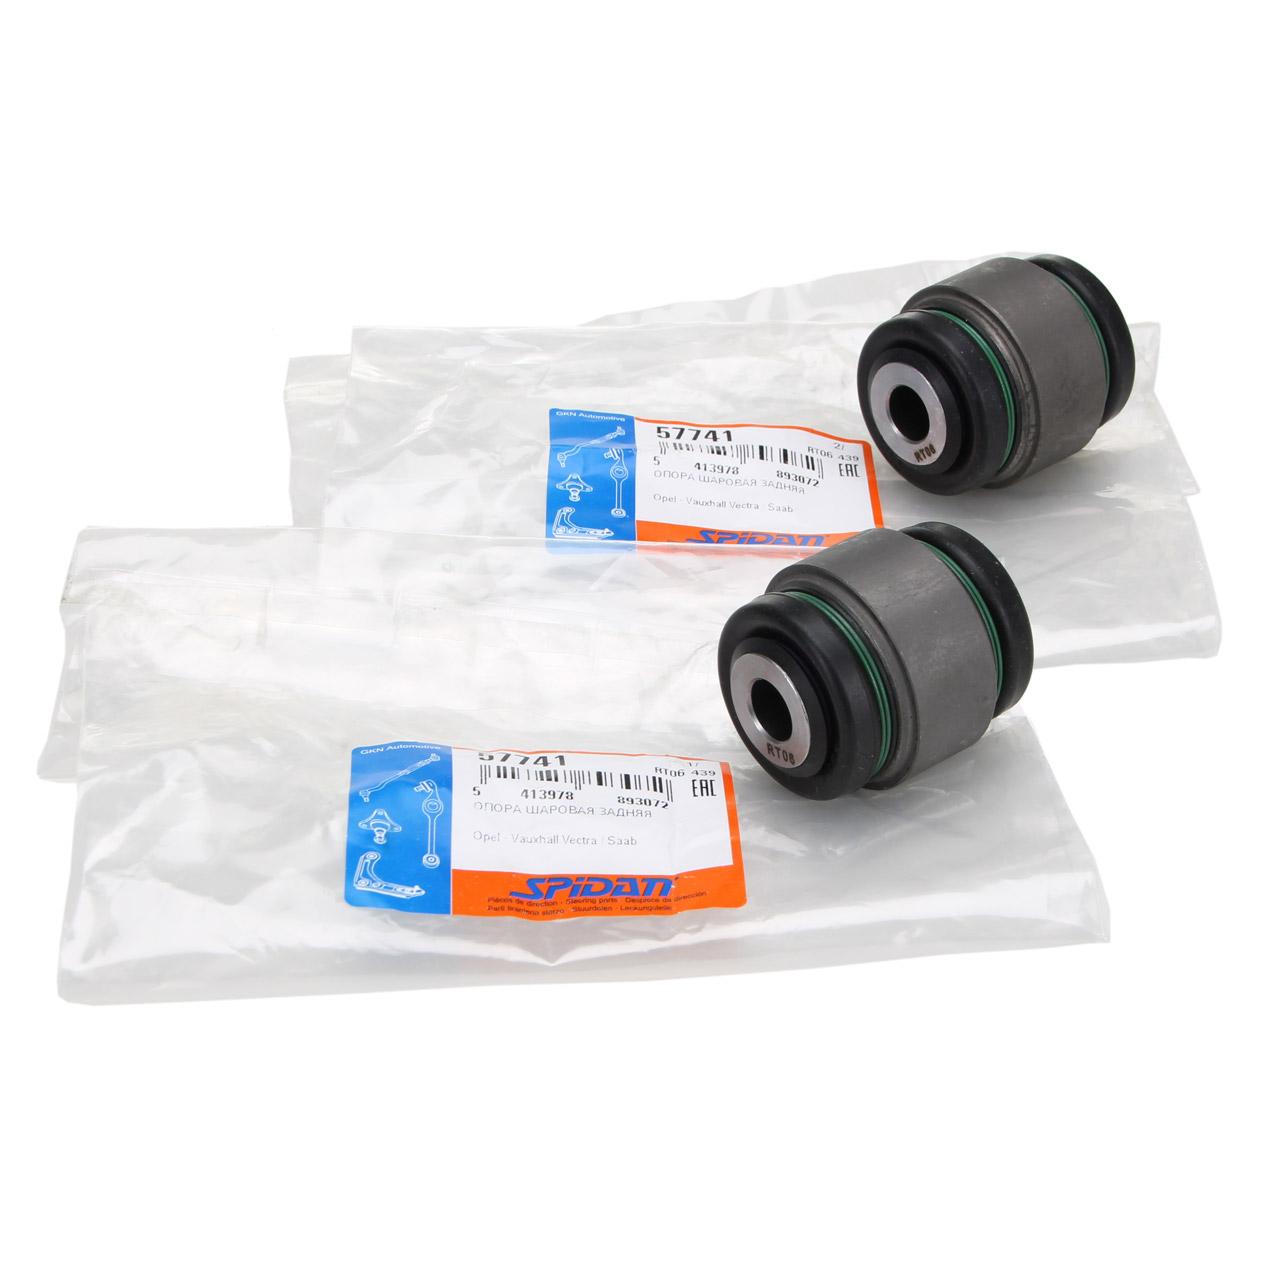 2x SPIDAN Lagerbuchse Radlagergehäuse für VECTRA B SAAB 9-5 YS3E hinten 423121